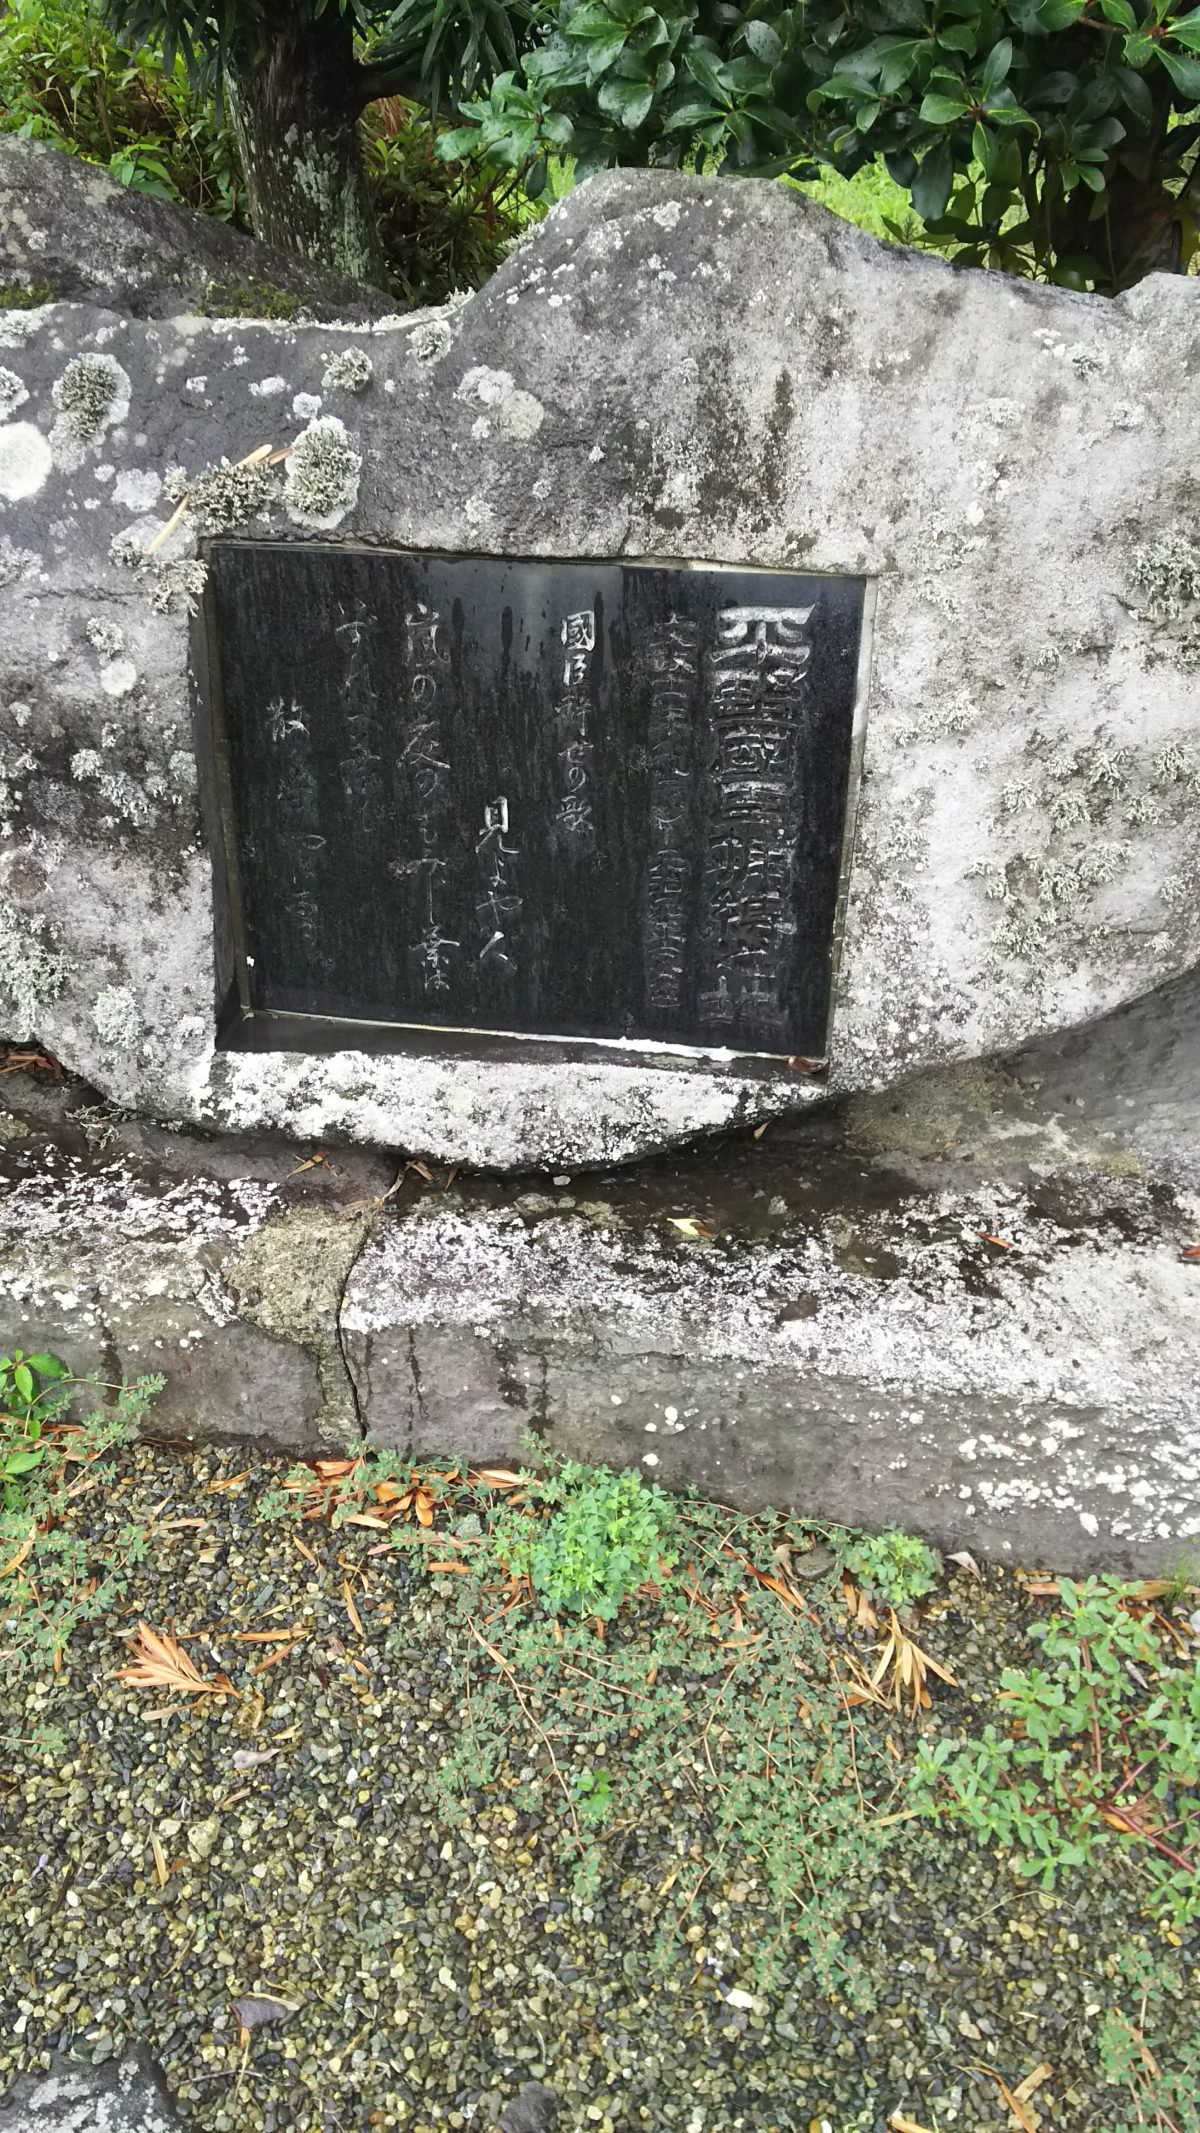 養父郡上網場にある宿屋跡に平野国臣の捕縛地の句碑